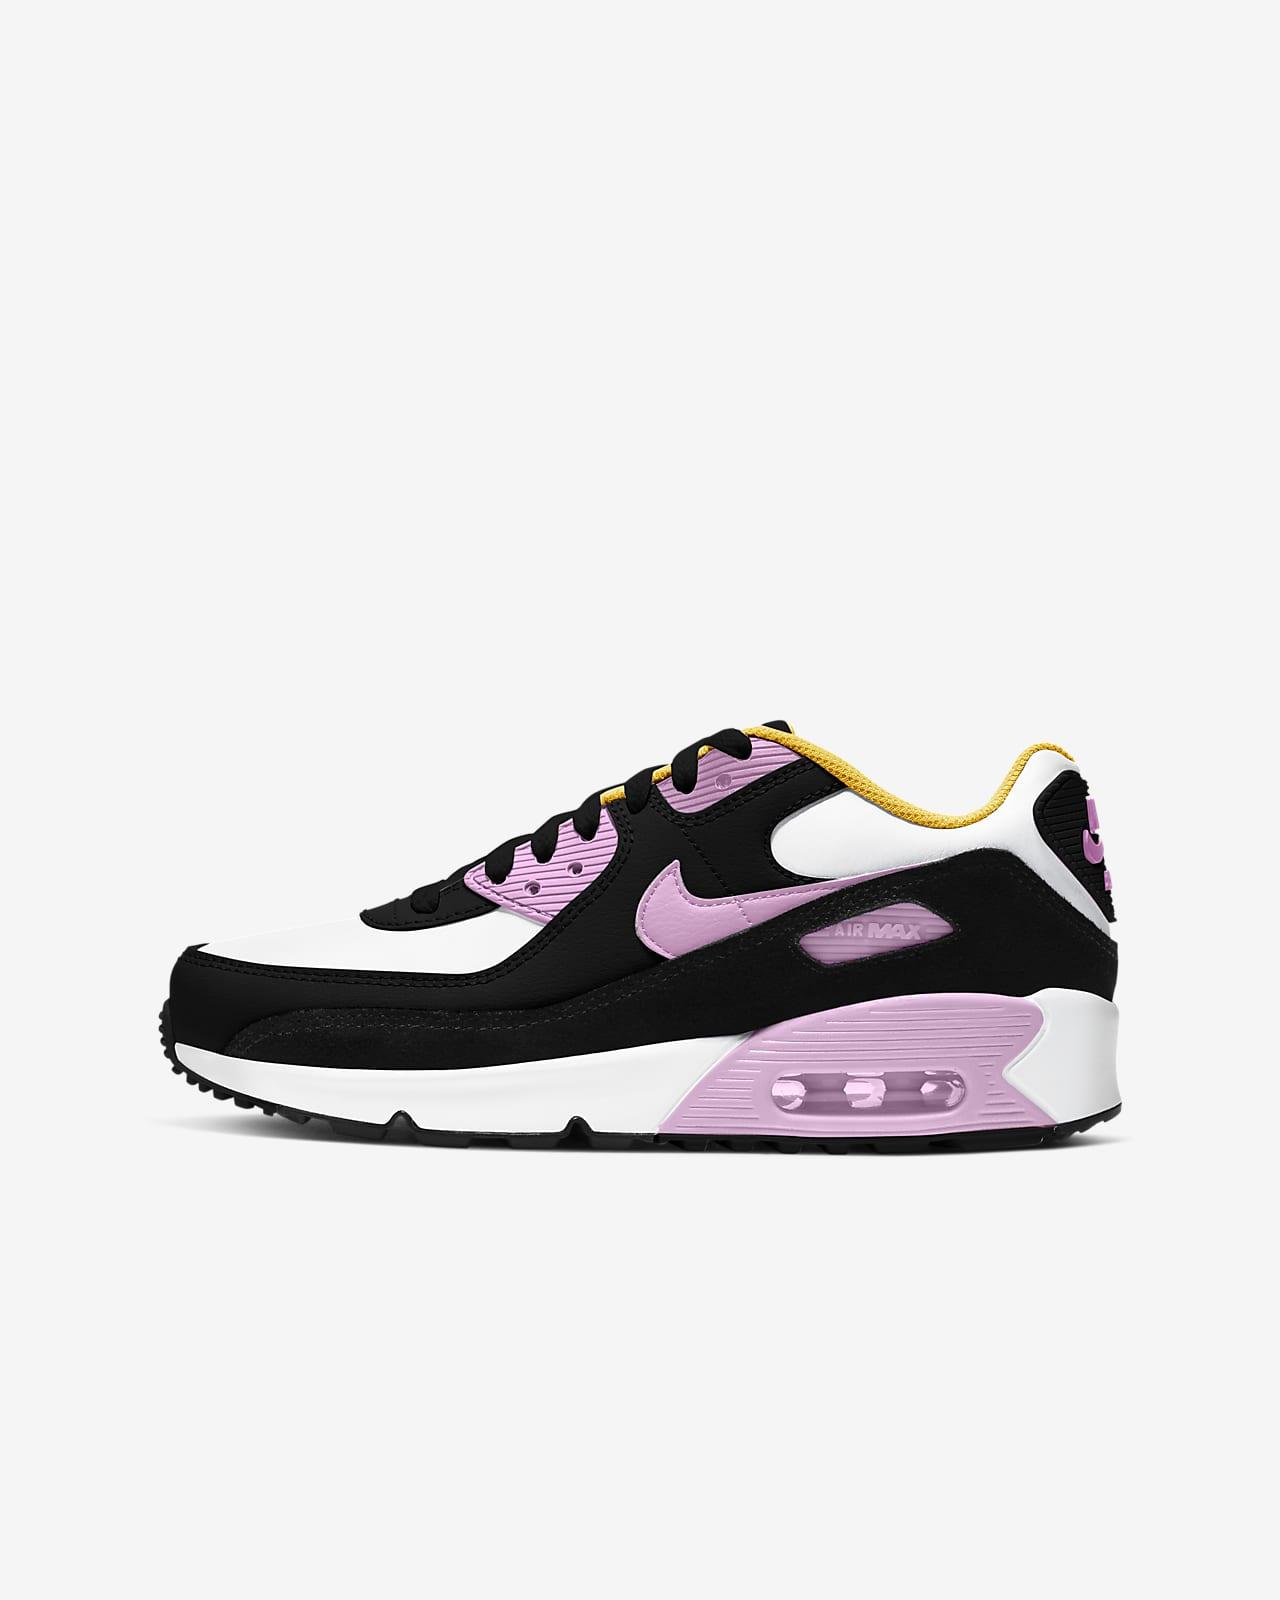 Sko Nike Air Max 90 LTR för ungdom